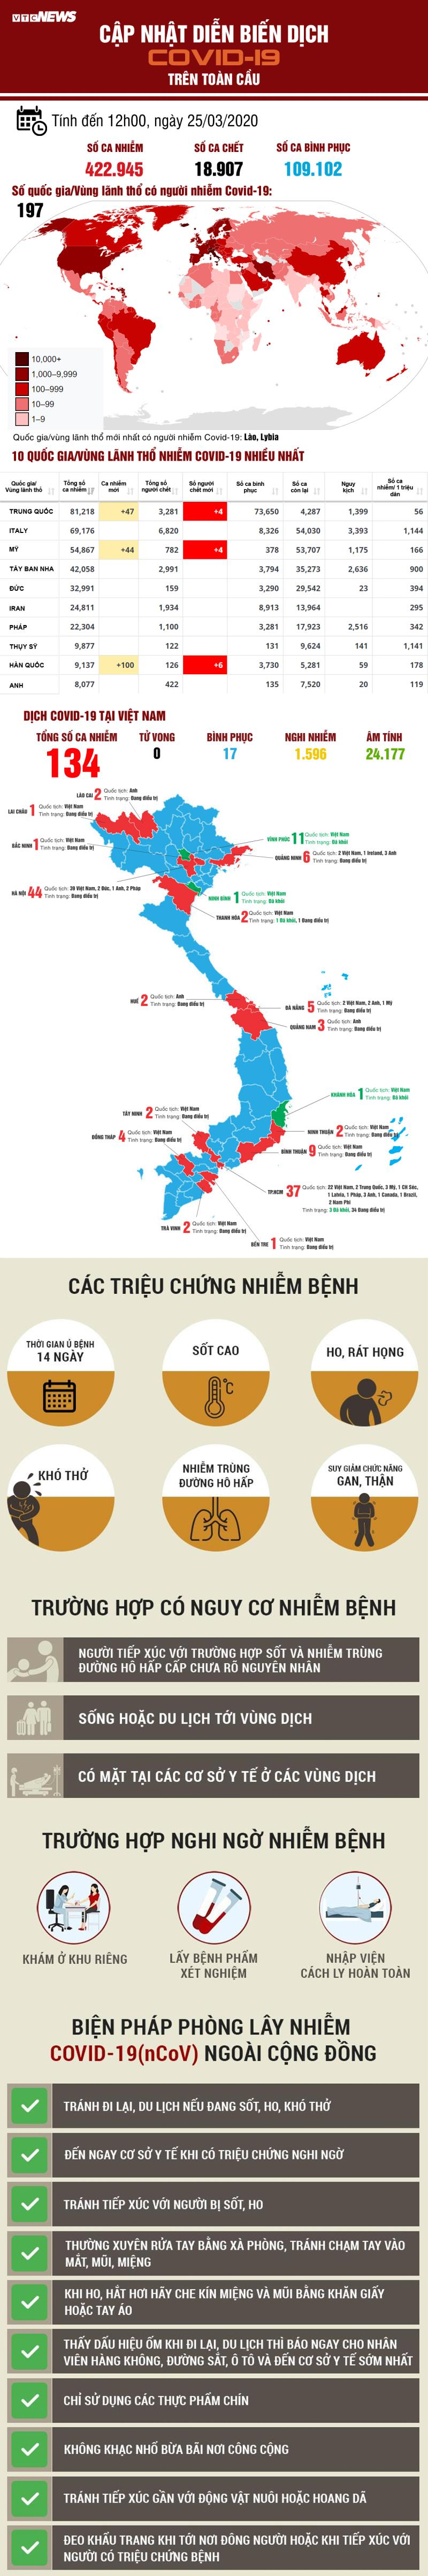 Infographic: Cập nhật liên tục diễn biến dịch Covid-19 trên toàn cầu